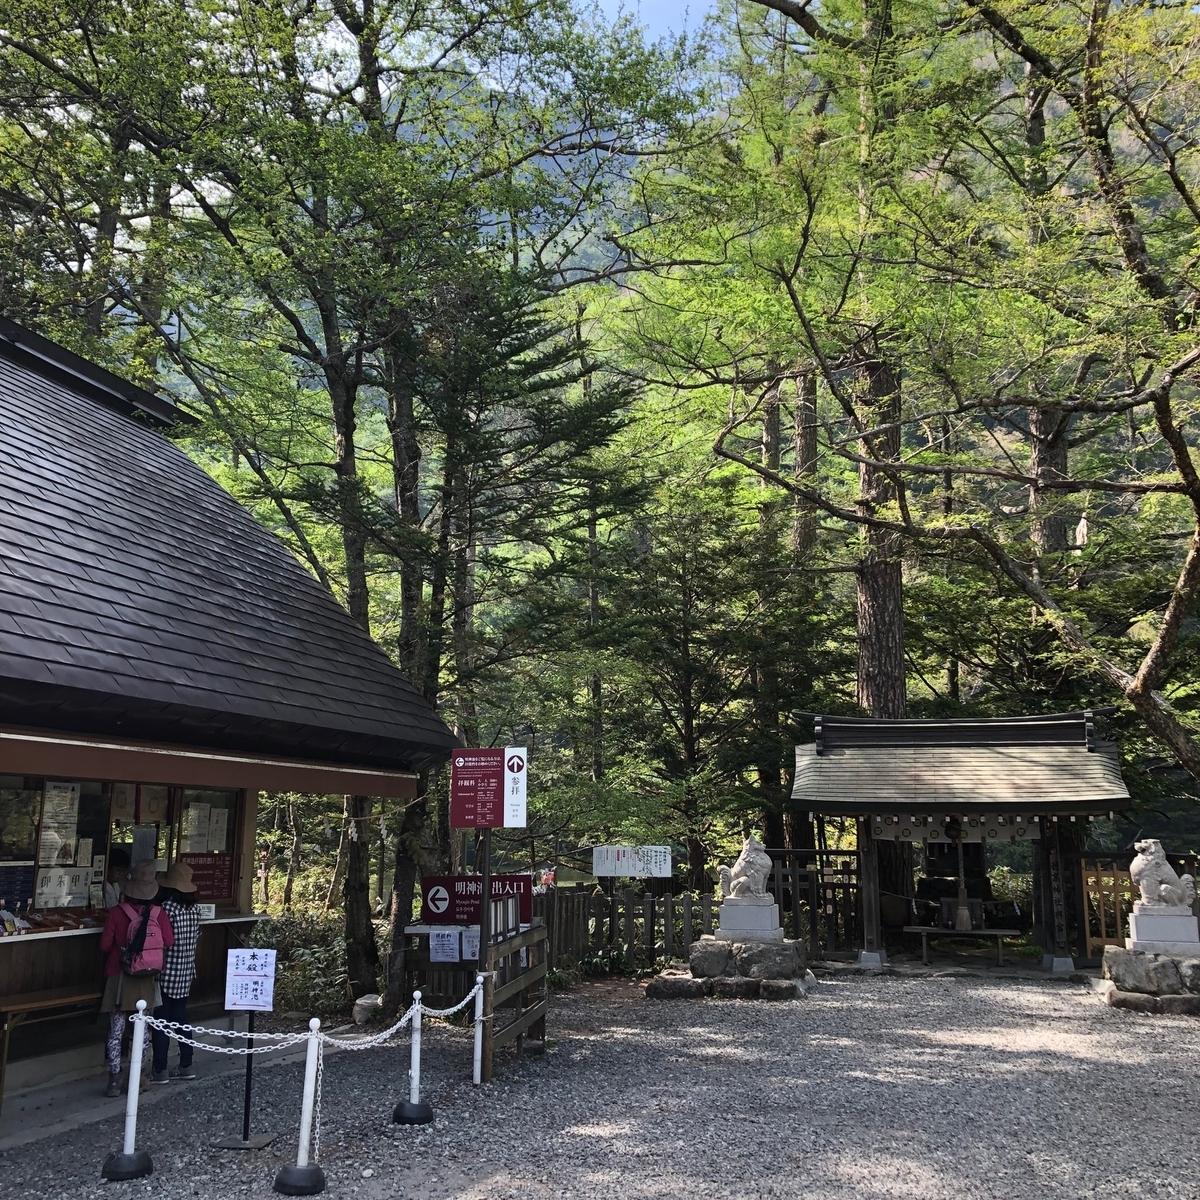 f:id:yugetokemuri:20190530200026j:plain